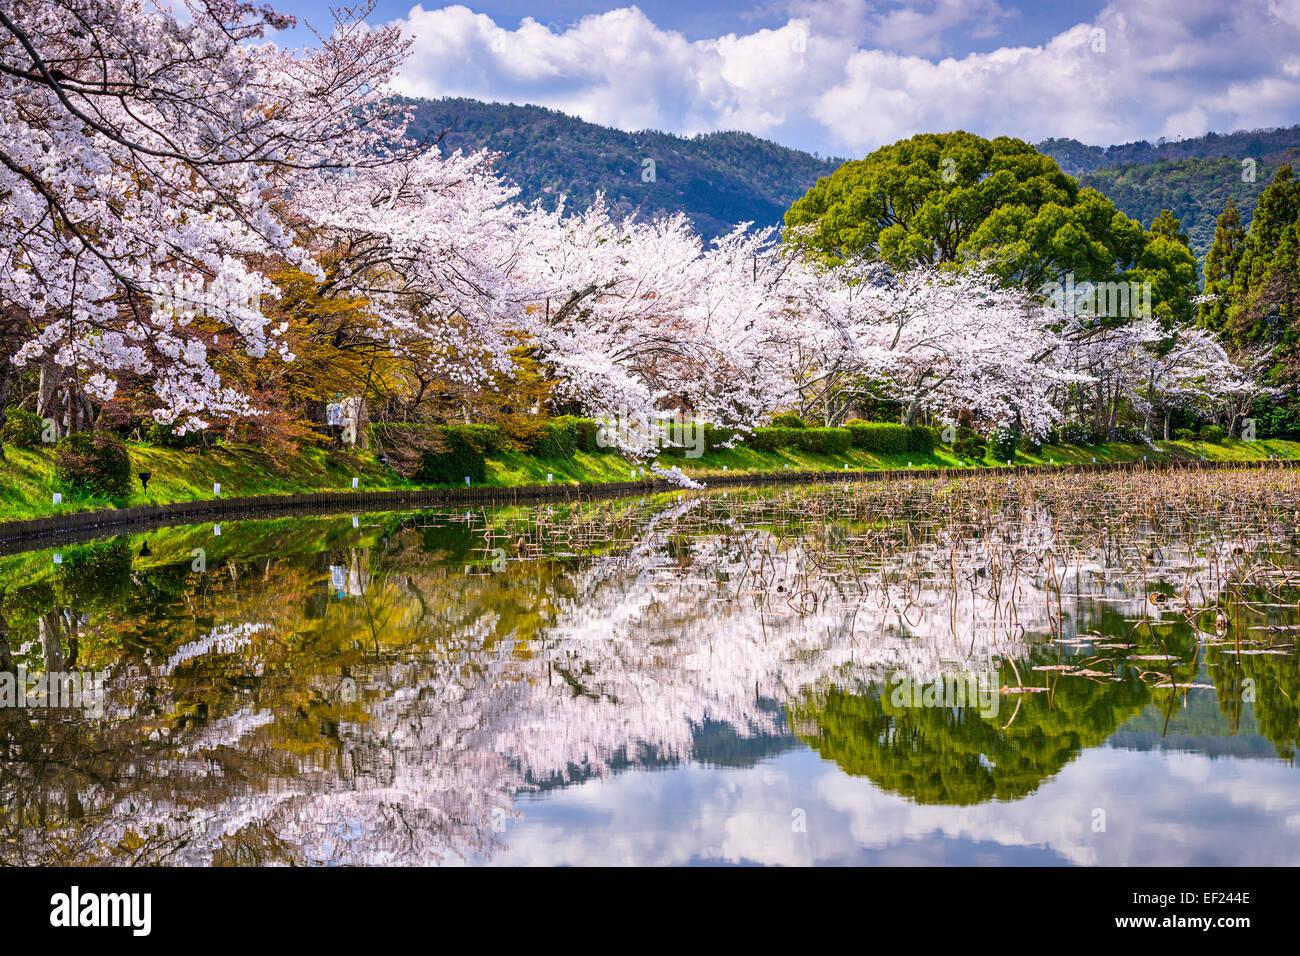 Feuillage de printemps à Kyoto, au Japon, dans le quartier de Arashiyama. Banque D'Images